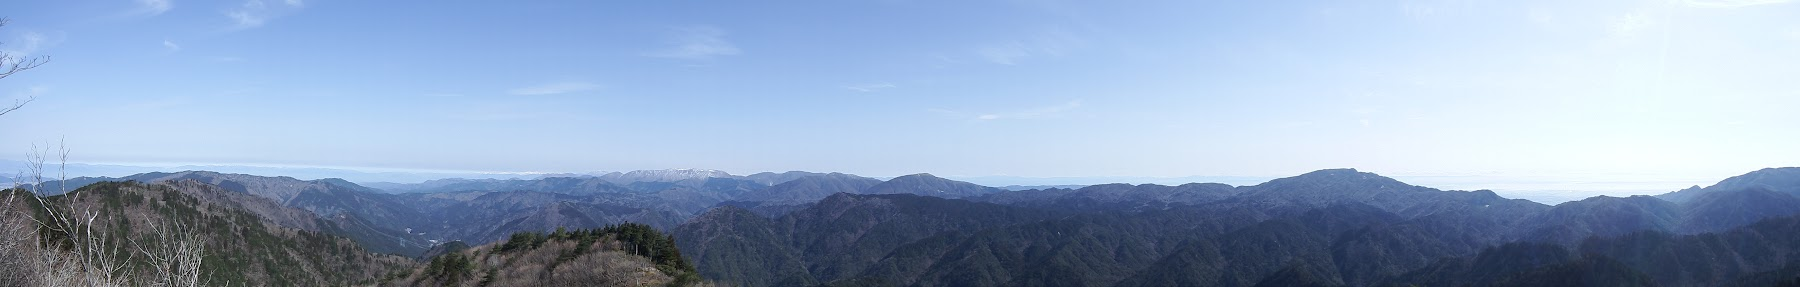 東峰からのパノラマ